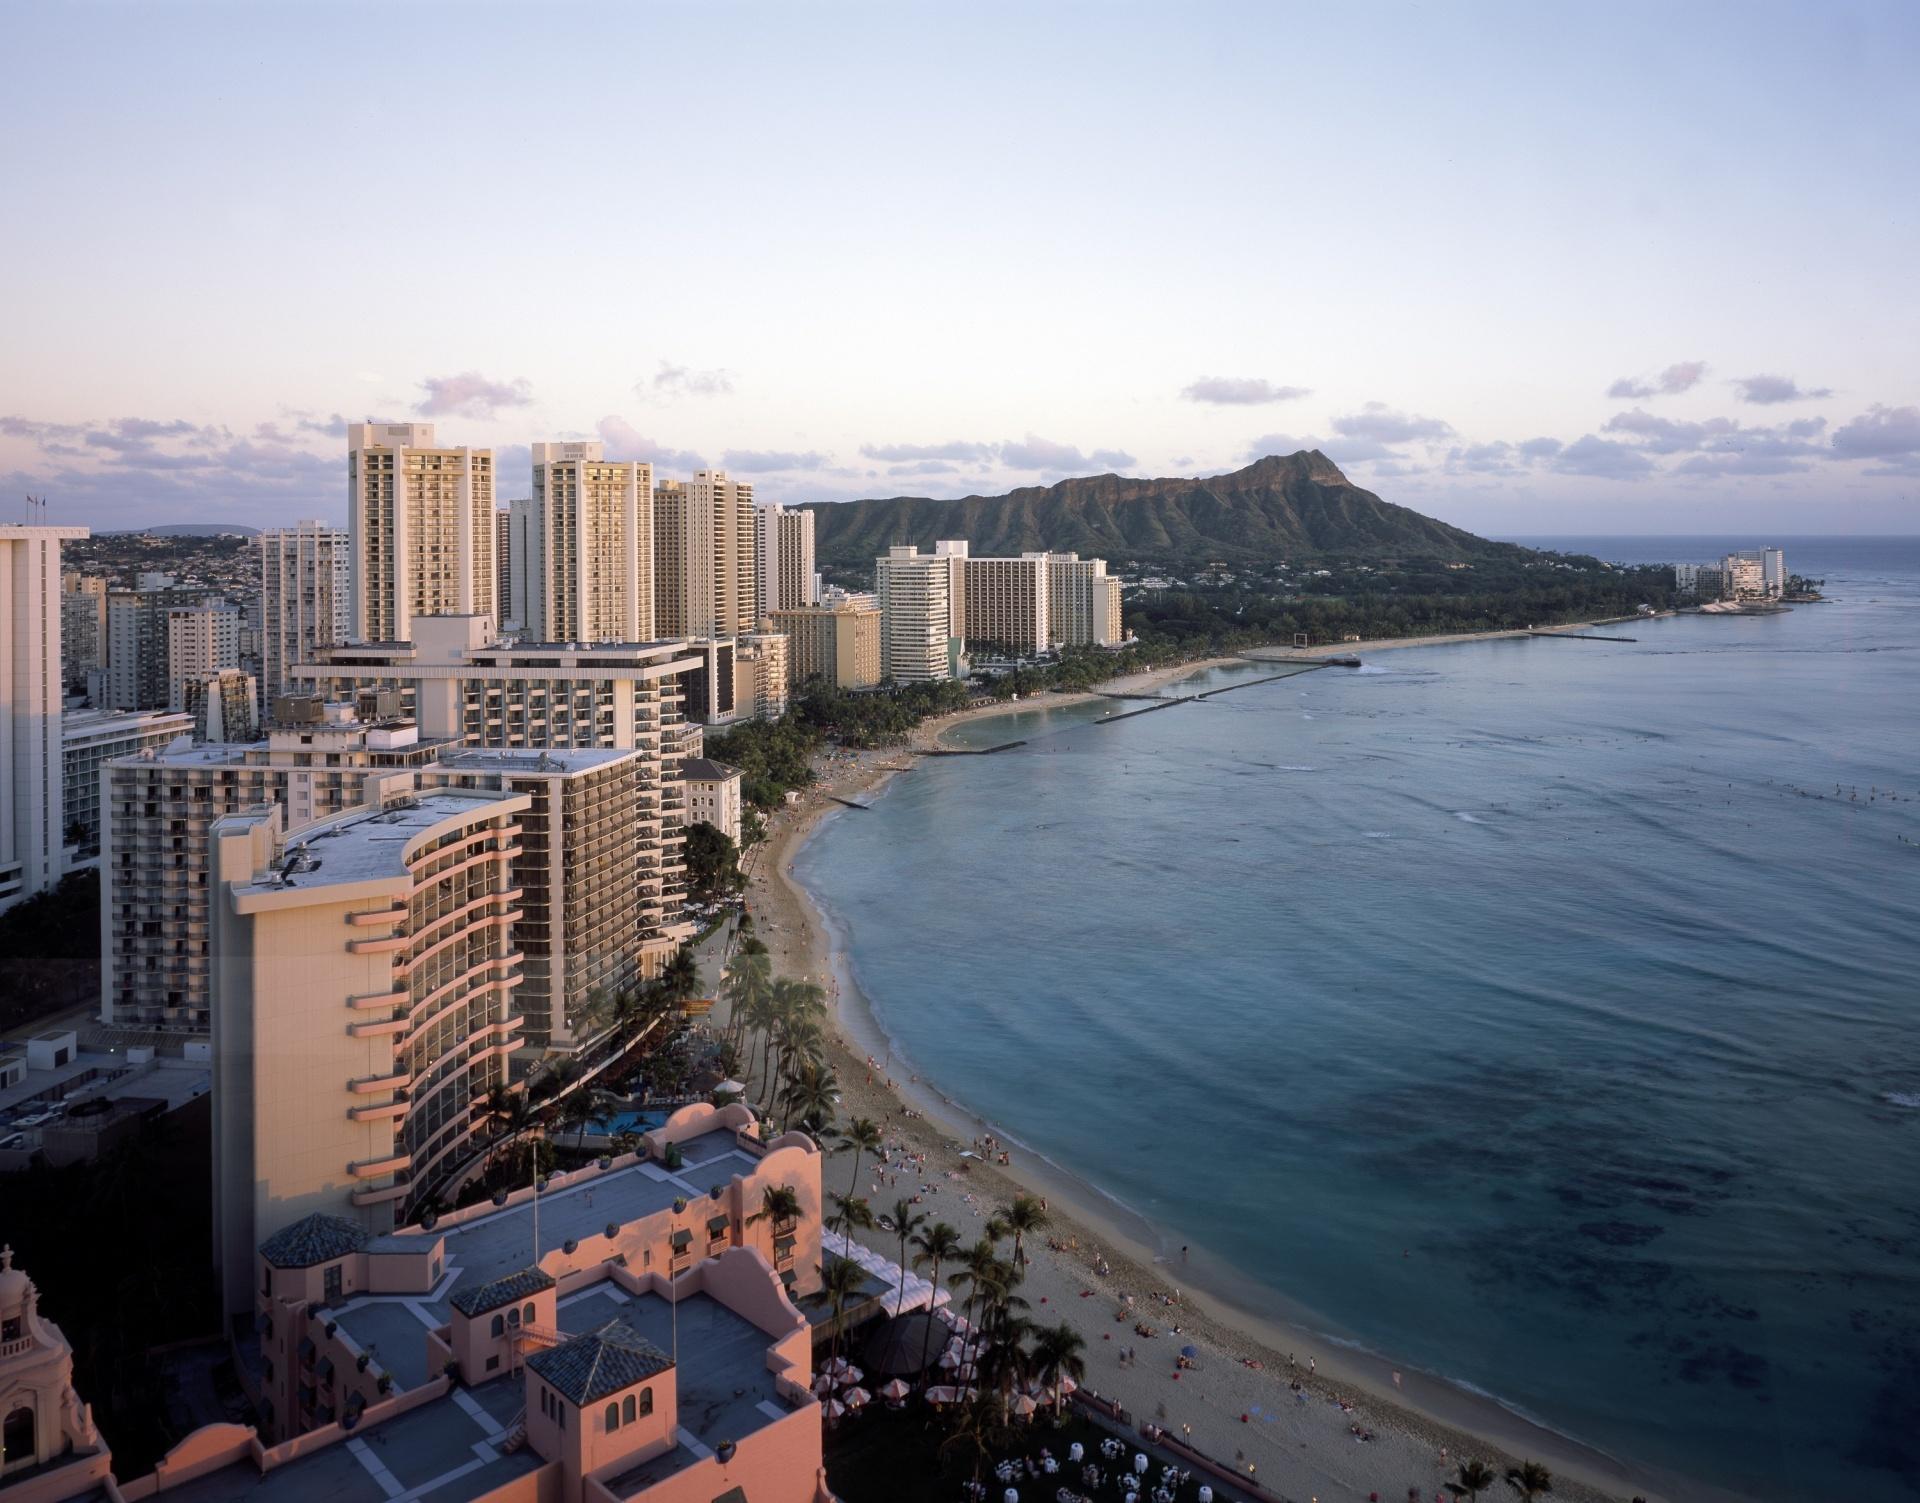 ハワイの不動産を売却したらどんな税金がかかるの?のイメージ